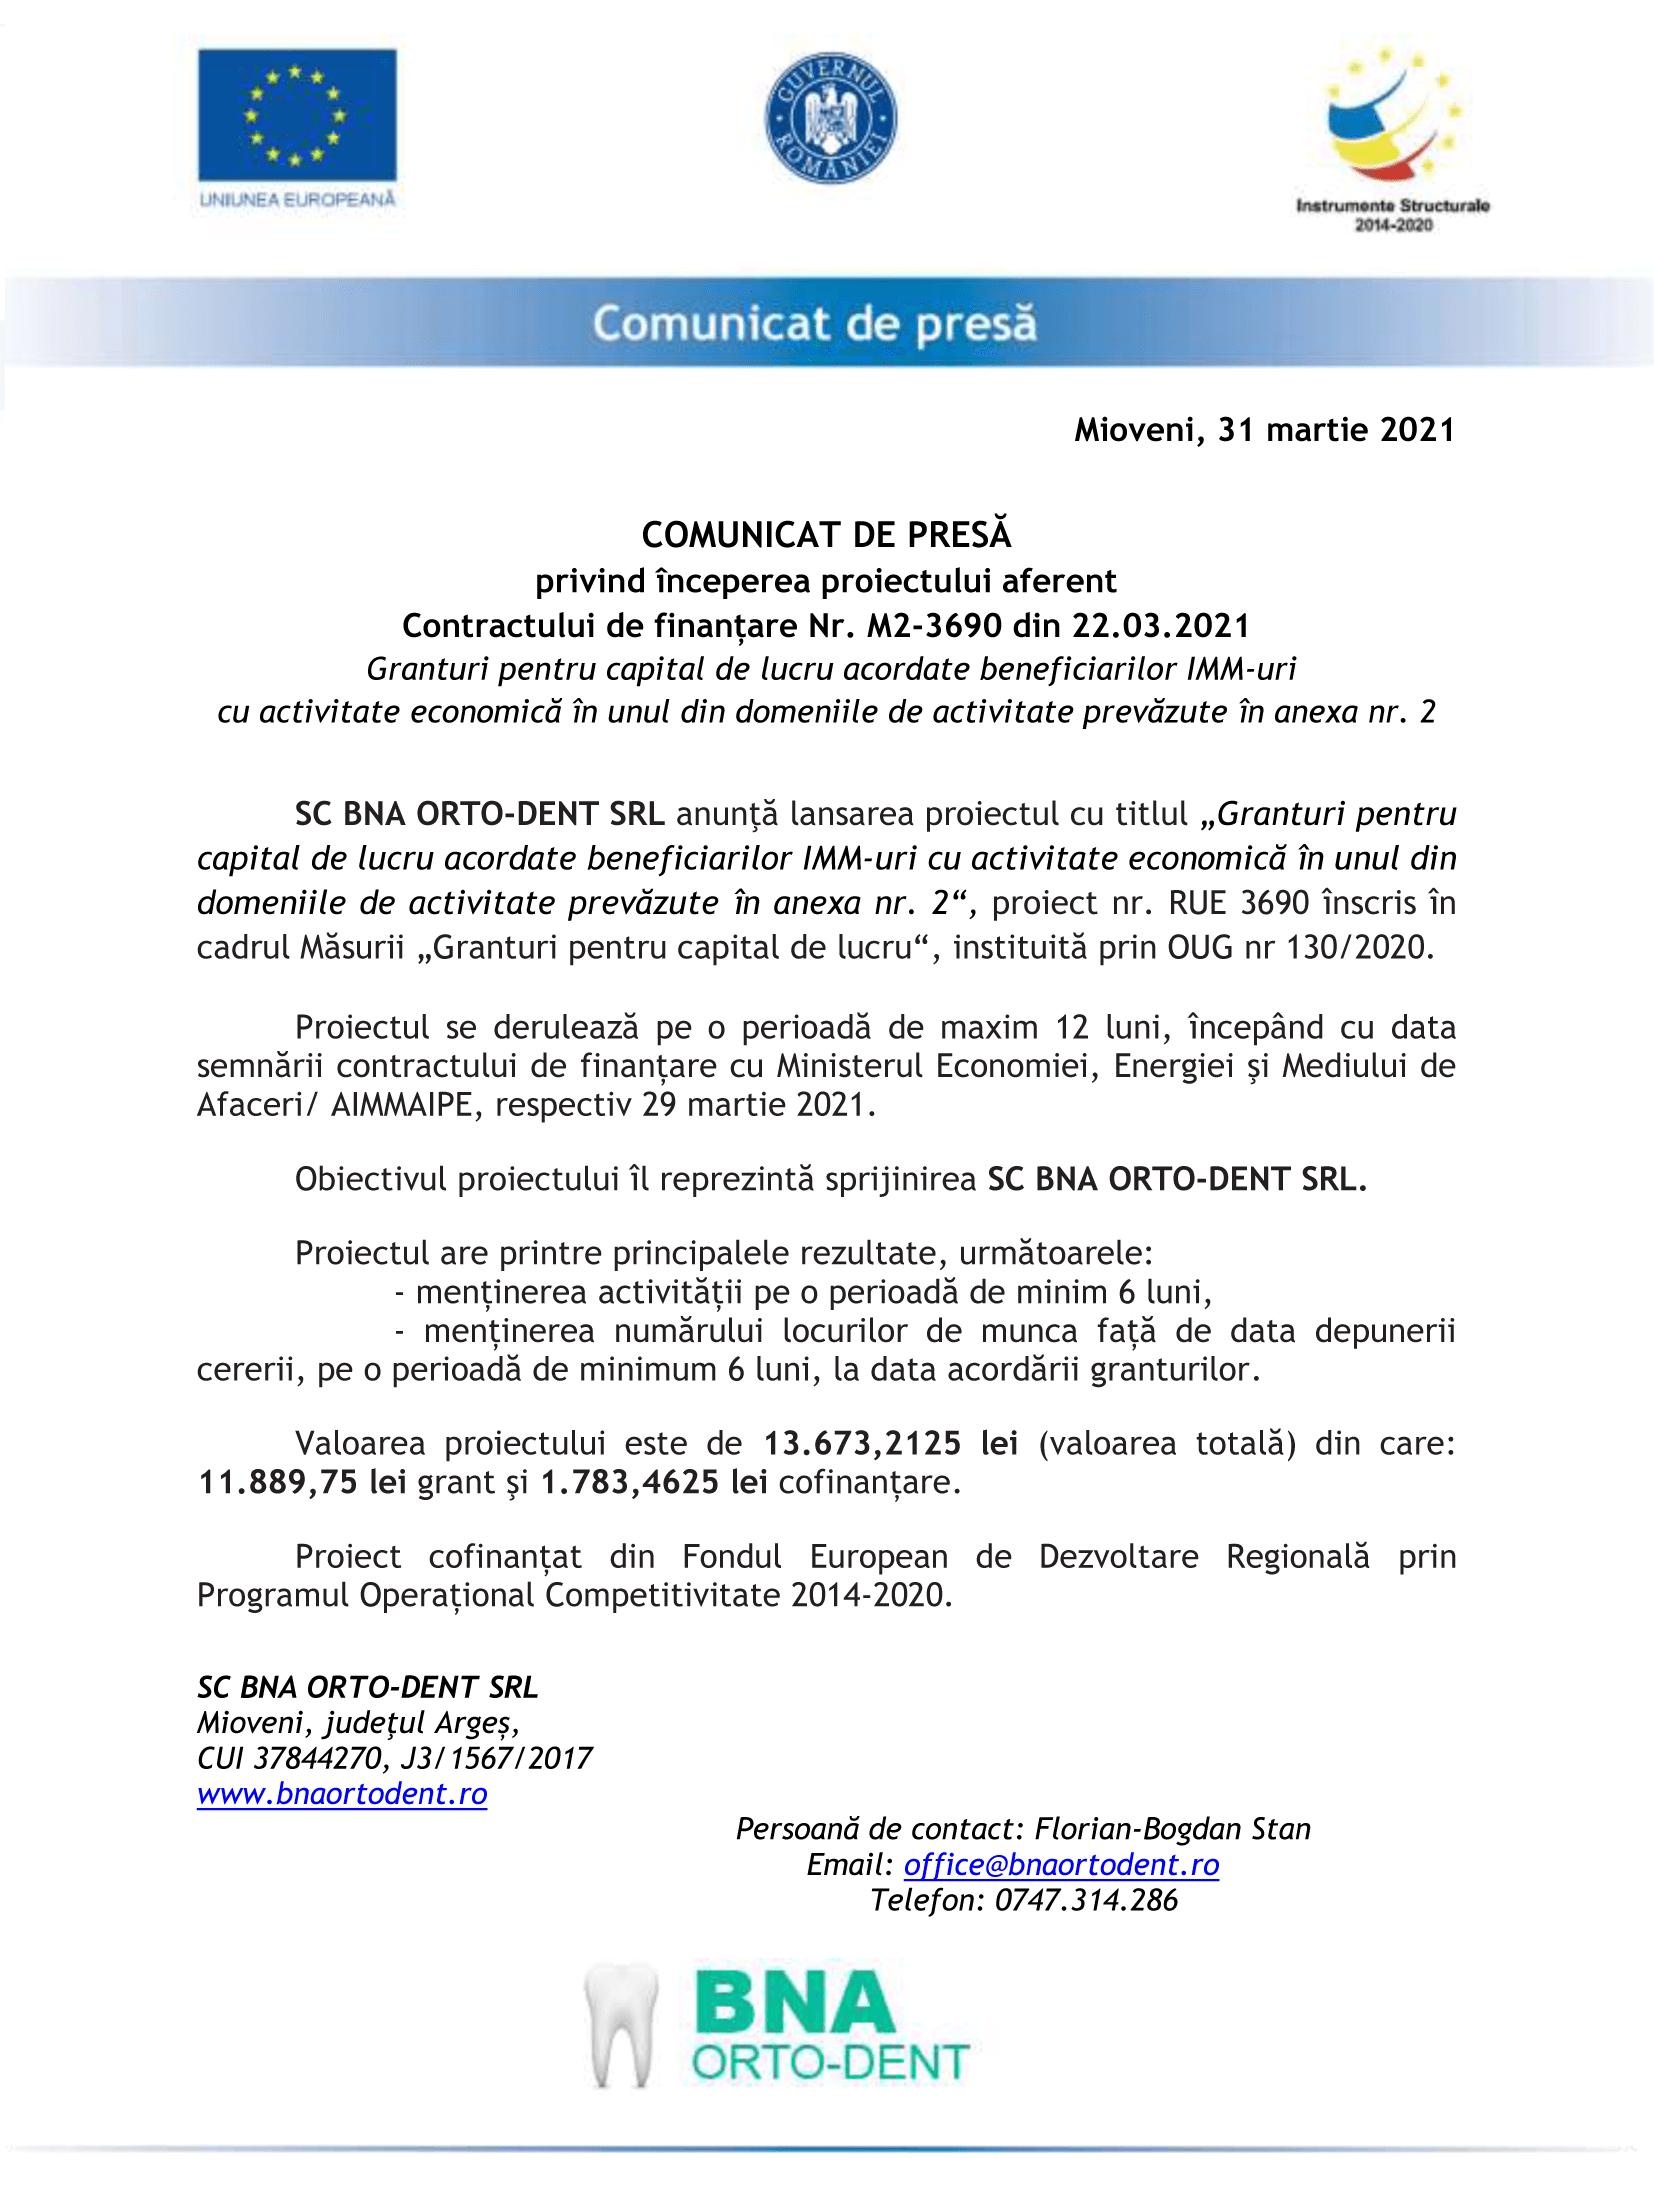 Comunicat_de_presa_BNA_martie_2021